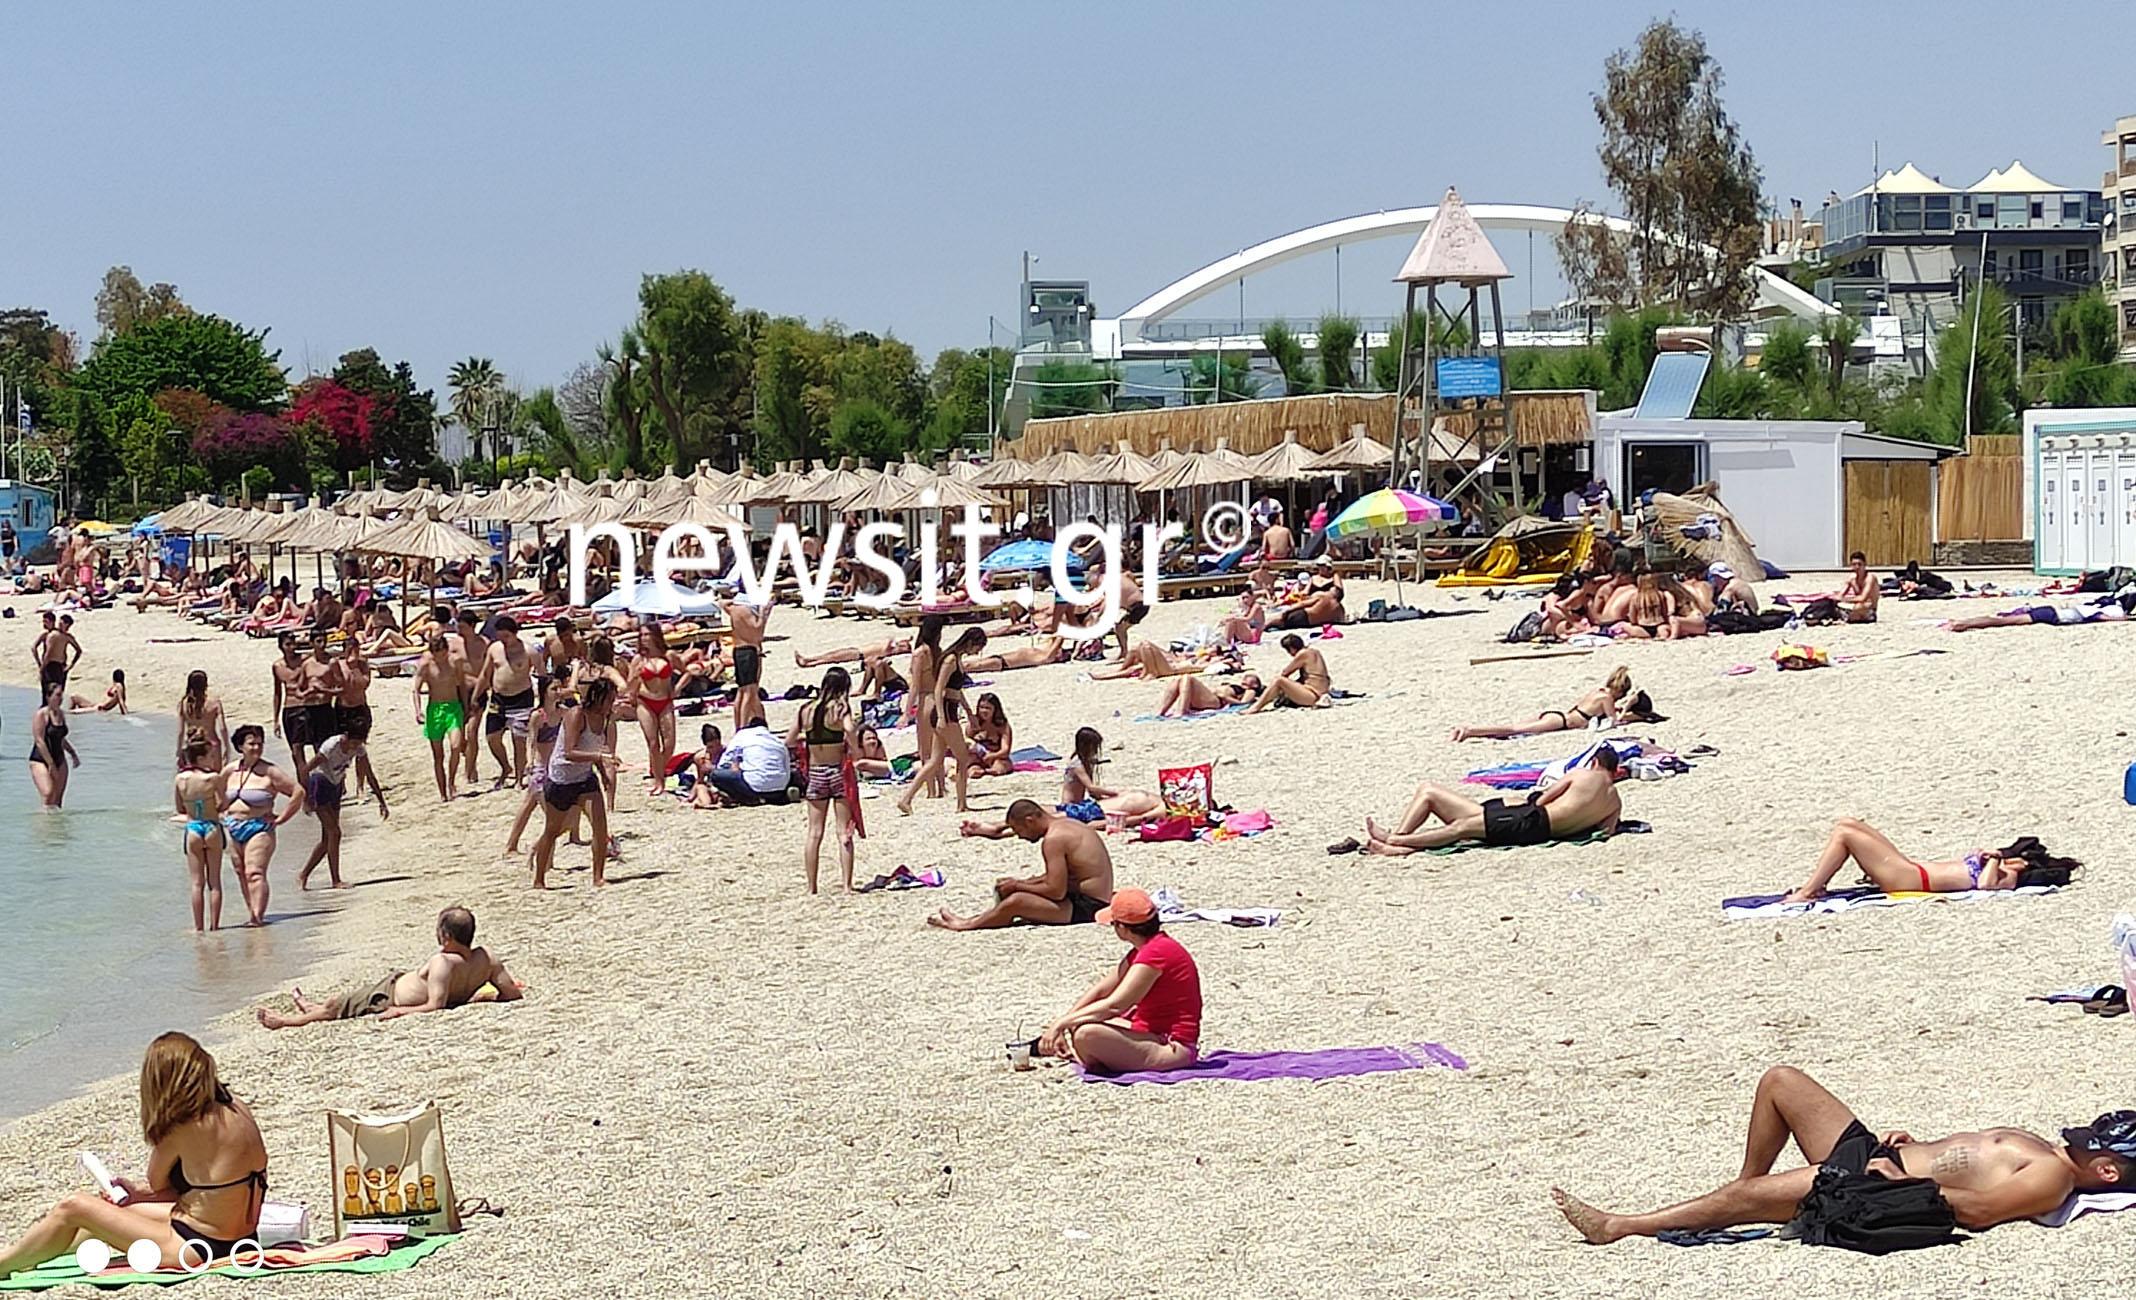 Κοινωνικός τουρισμός για όλους: Πότε ανοίγει η πλατφόρμα, ποιοι είναι δικαιούχοι